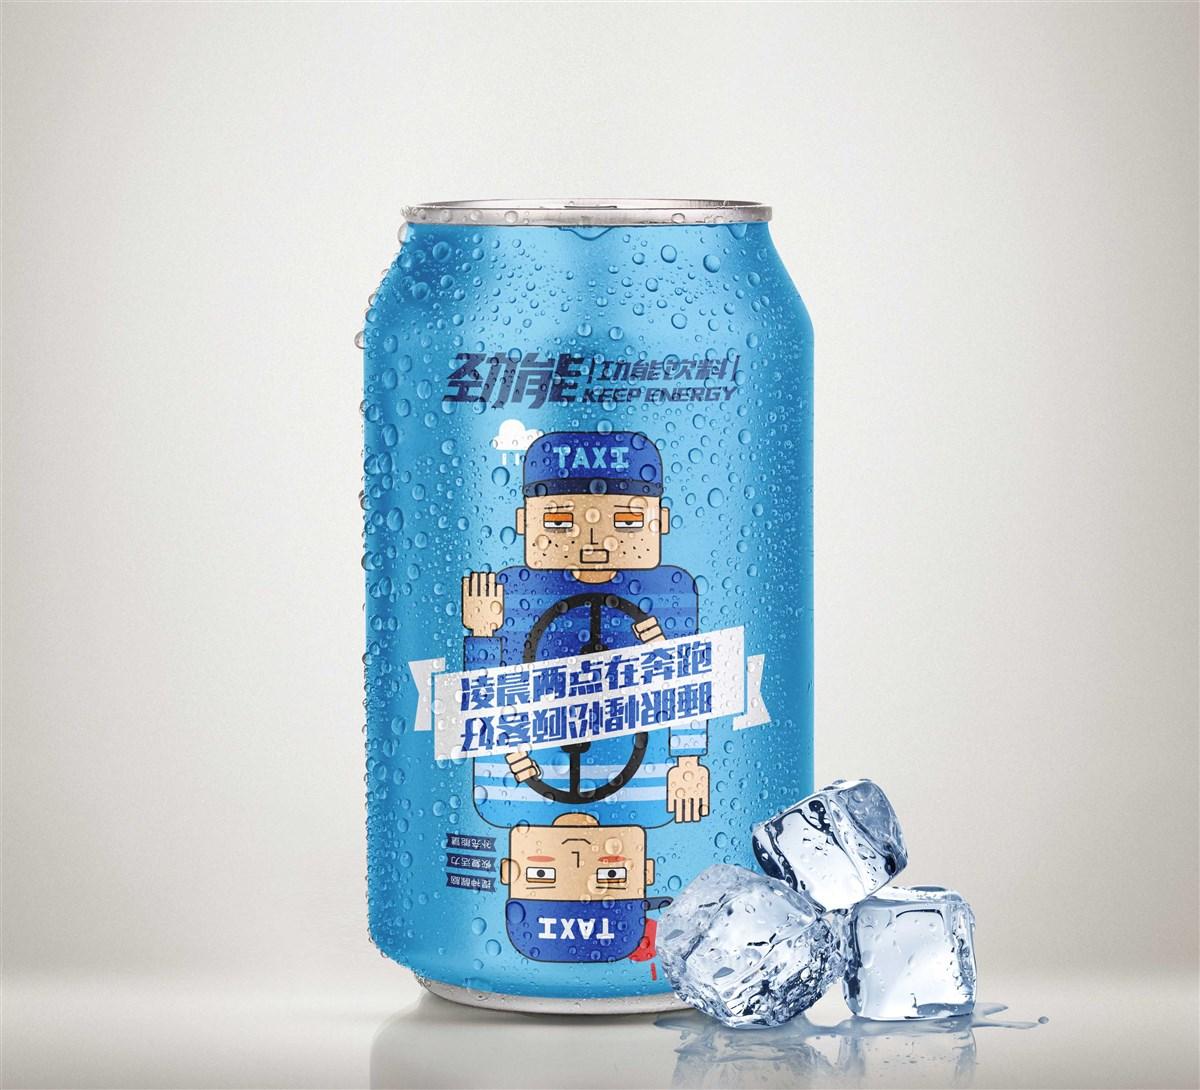 劲能功能饮料包装设计